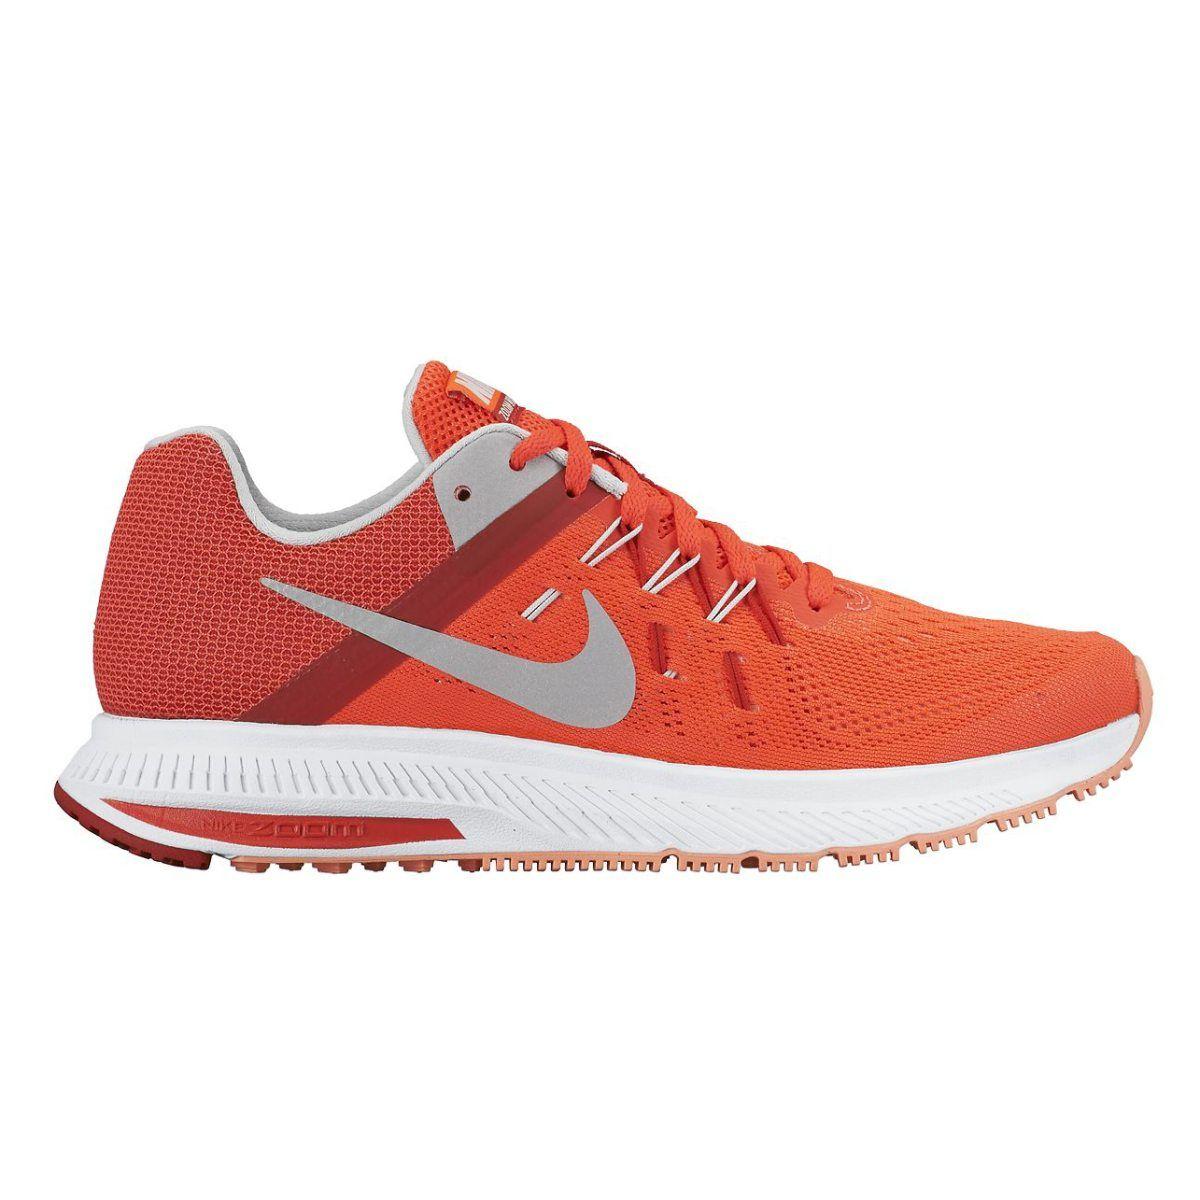 daf5159e908 Nike Zoom Winflo 2 W, løpesko dame - Joggesko - xxl.no | FASHION ...